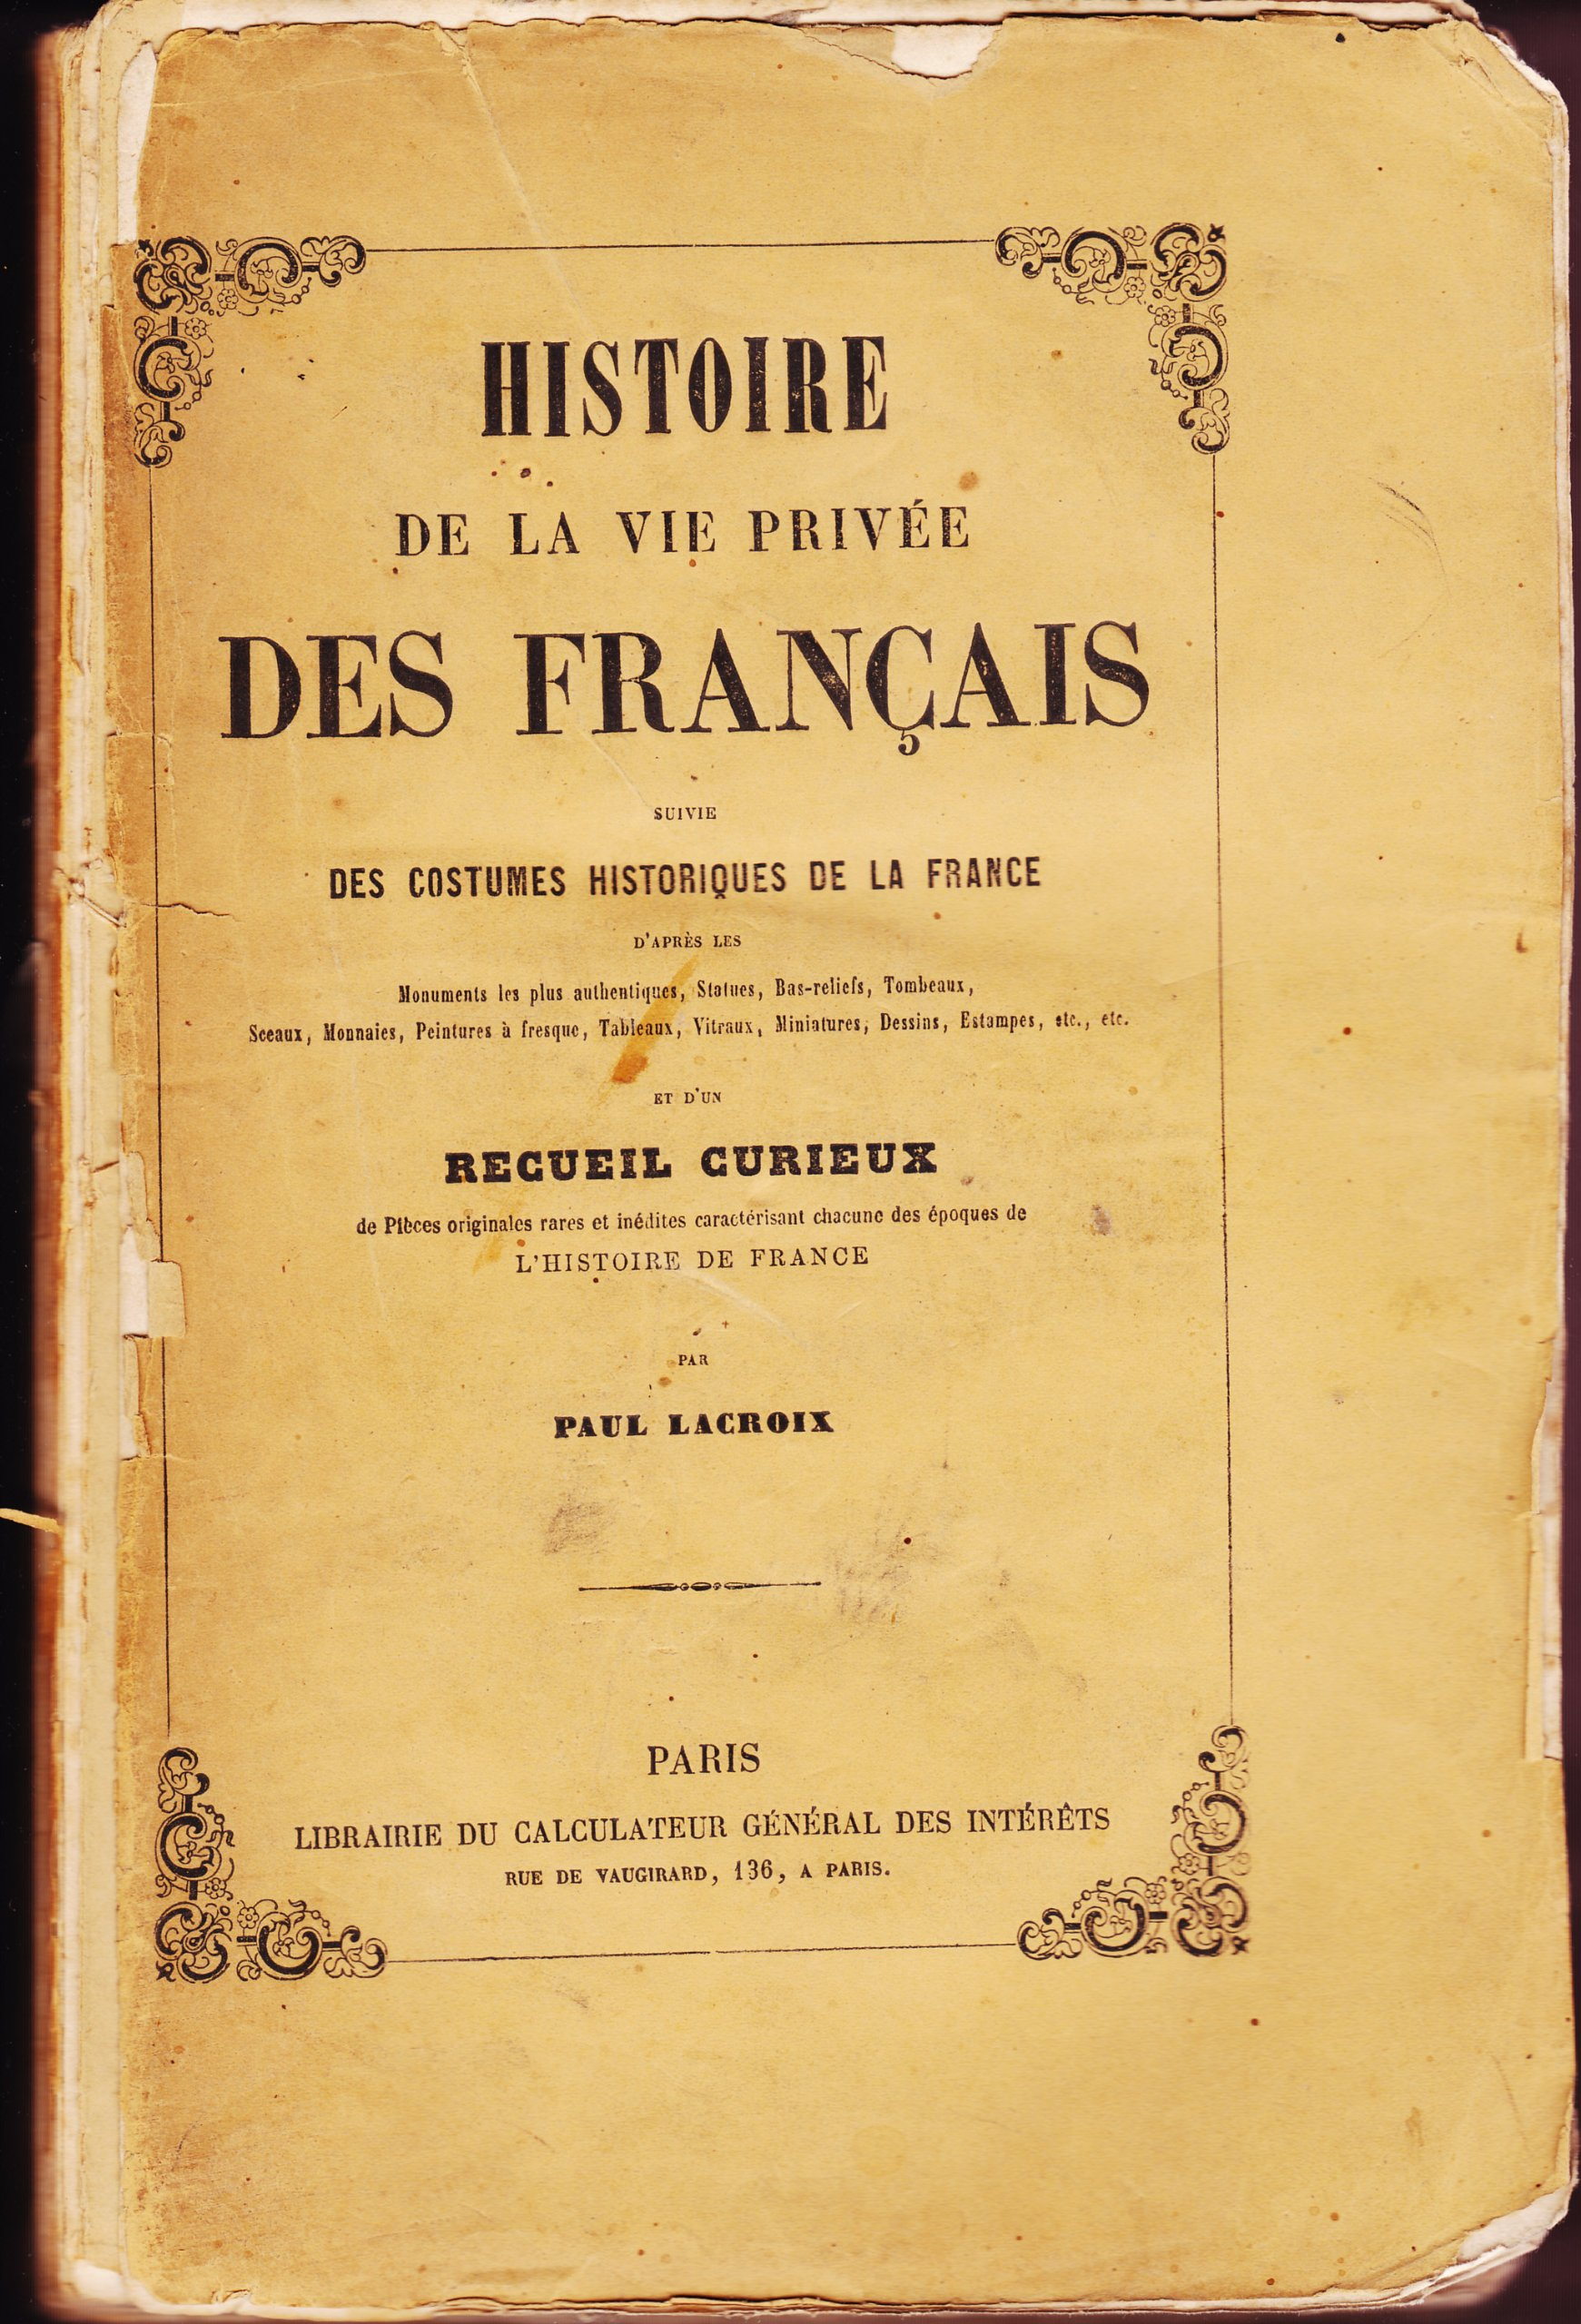 Amazon.fr , Costumes historiques de la France d\u0027après les monuments les  plus authentiques avec un texte descriptif, précédé de l\u0027Histoire de la  vie